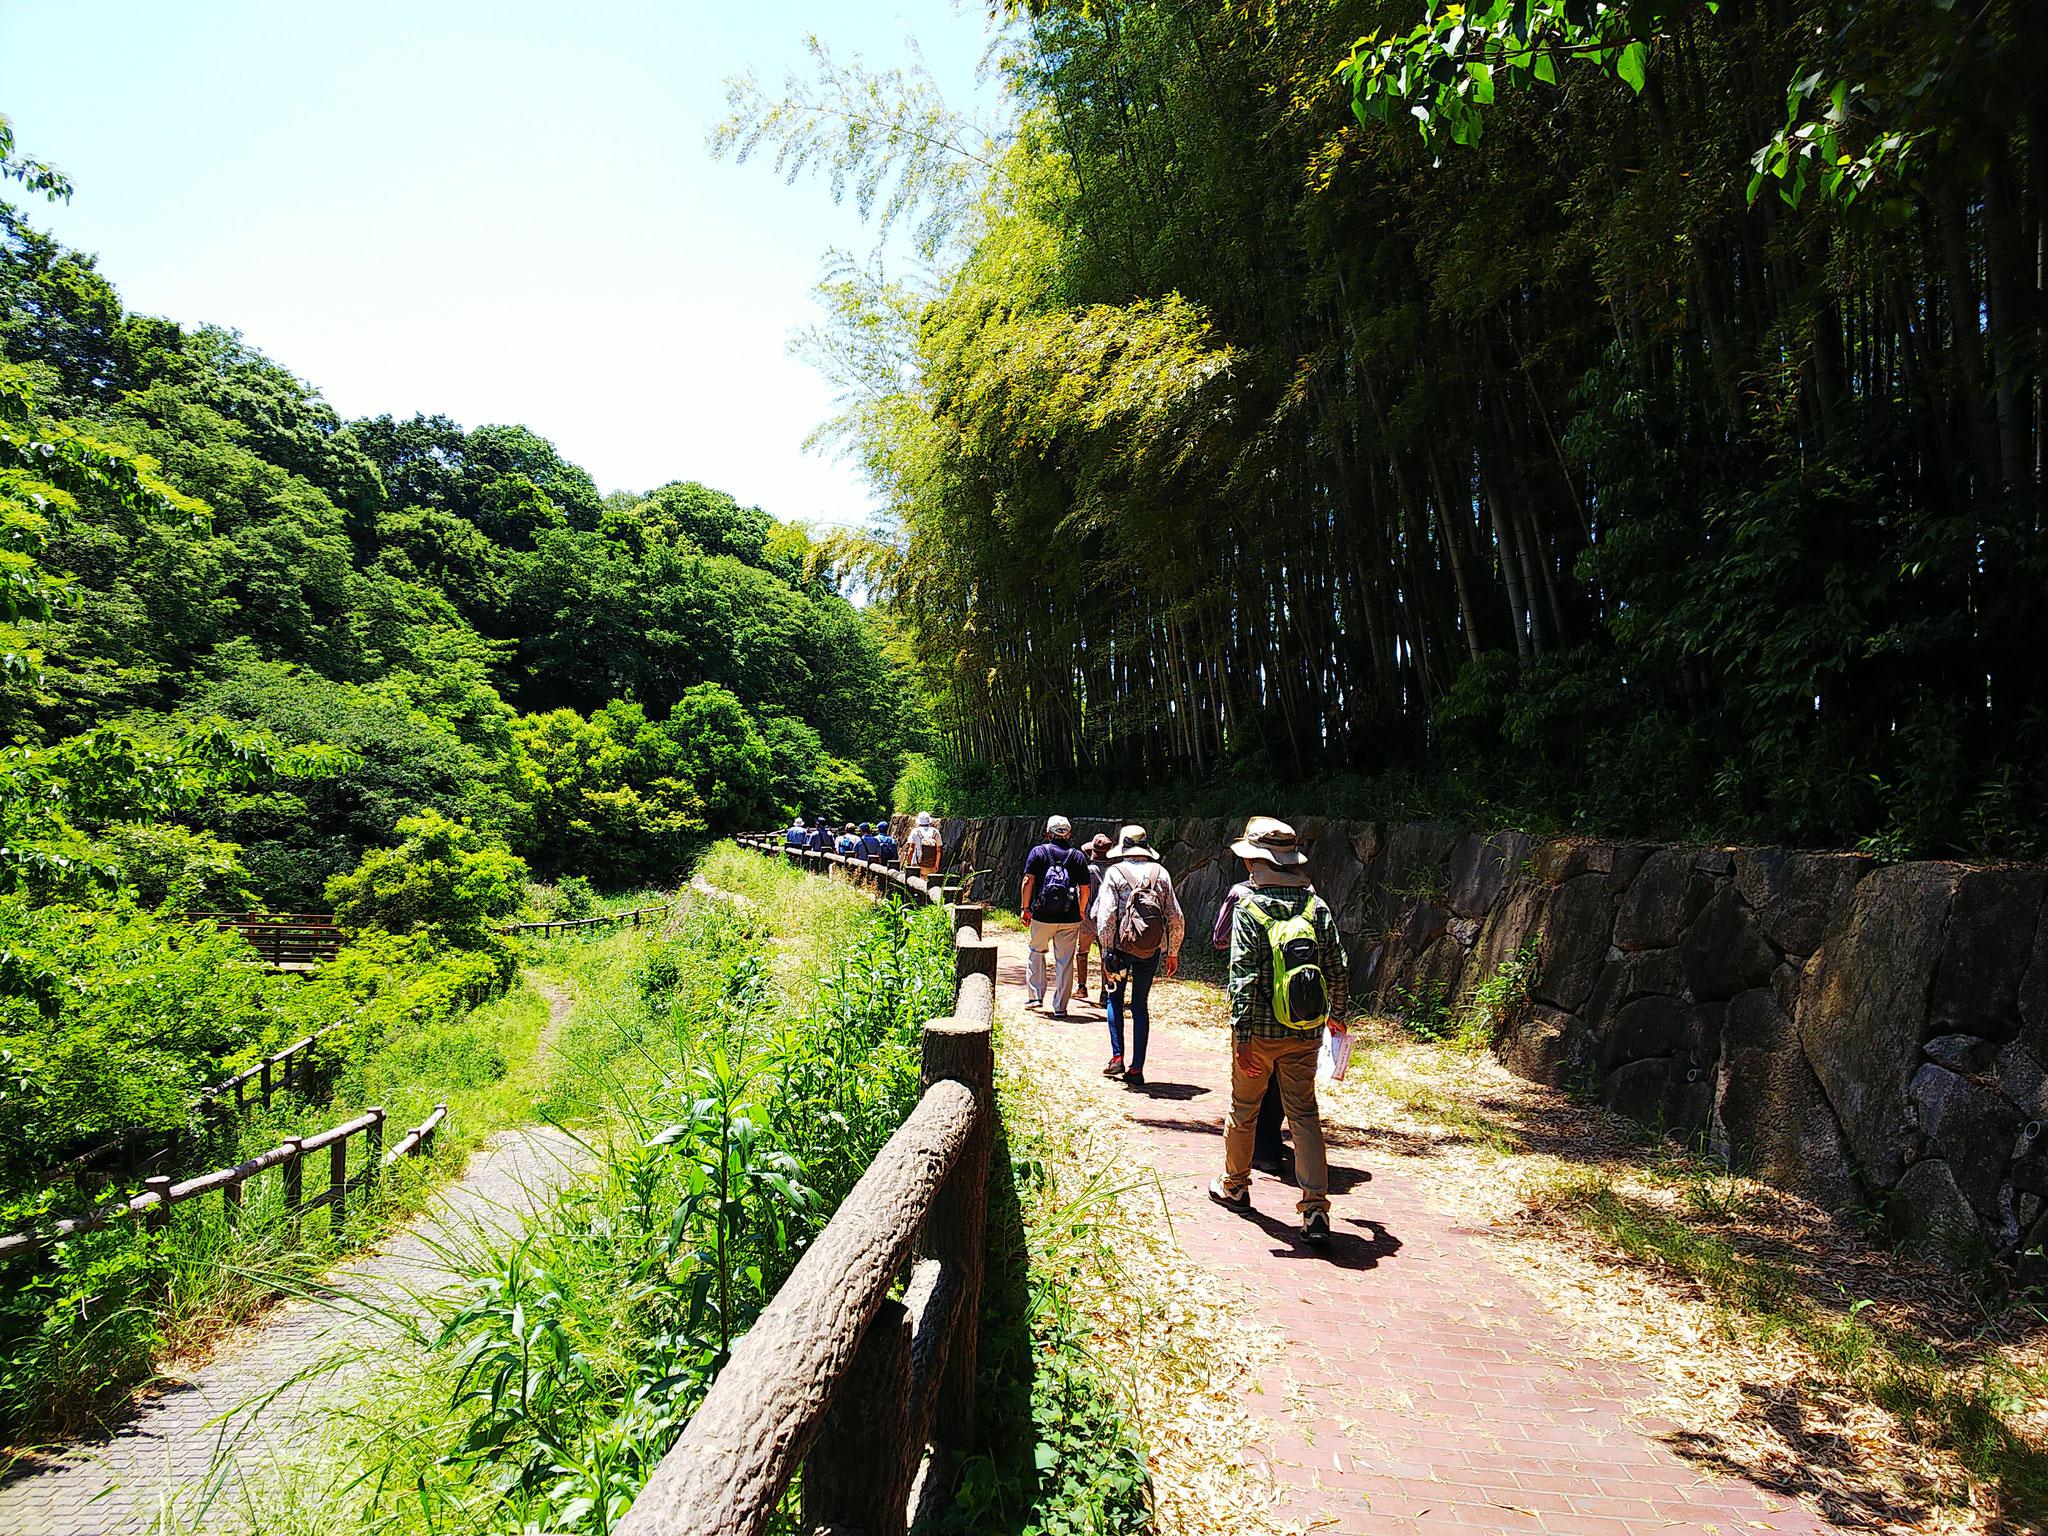 左に宇田川 右手に竹林